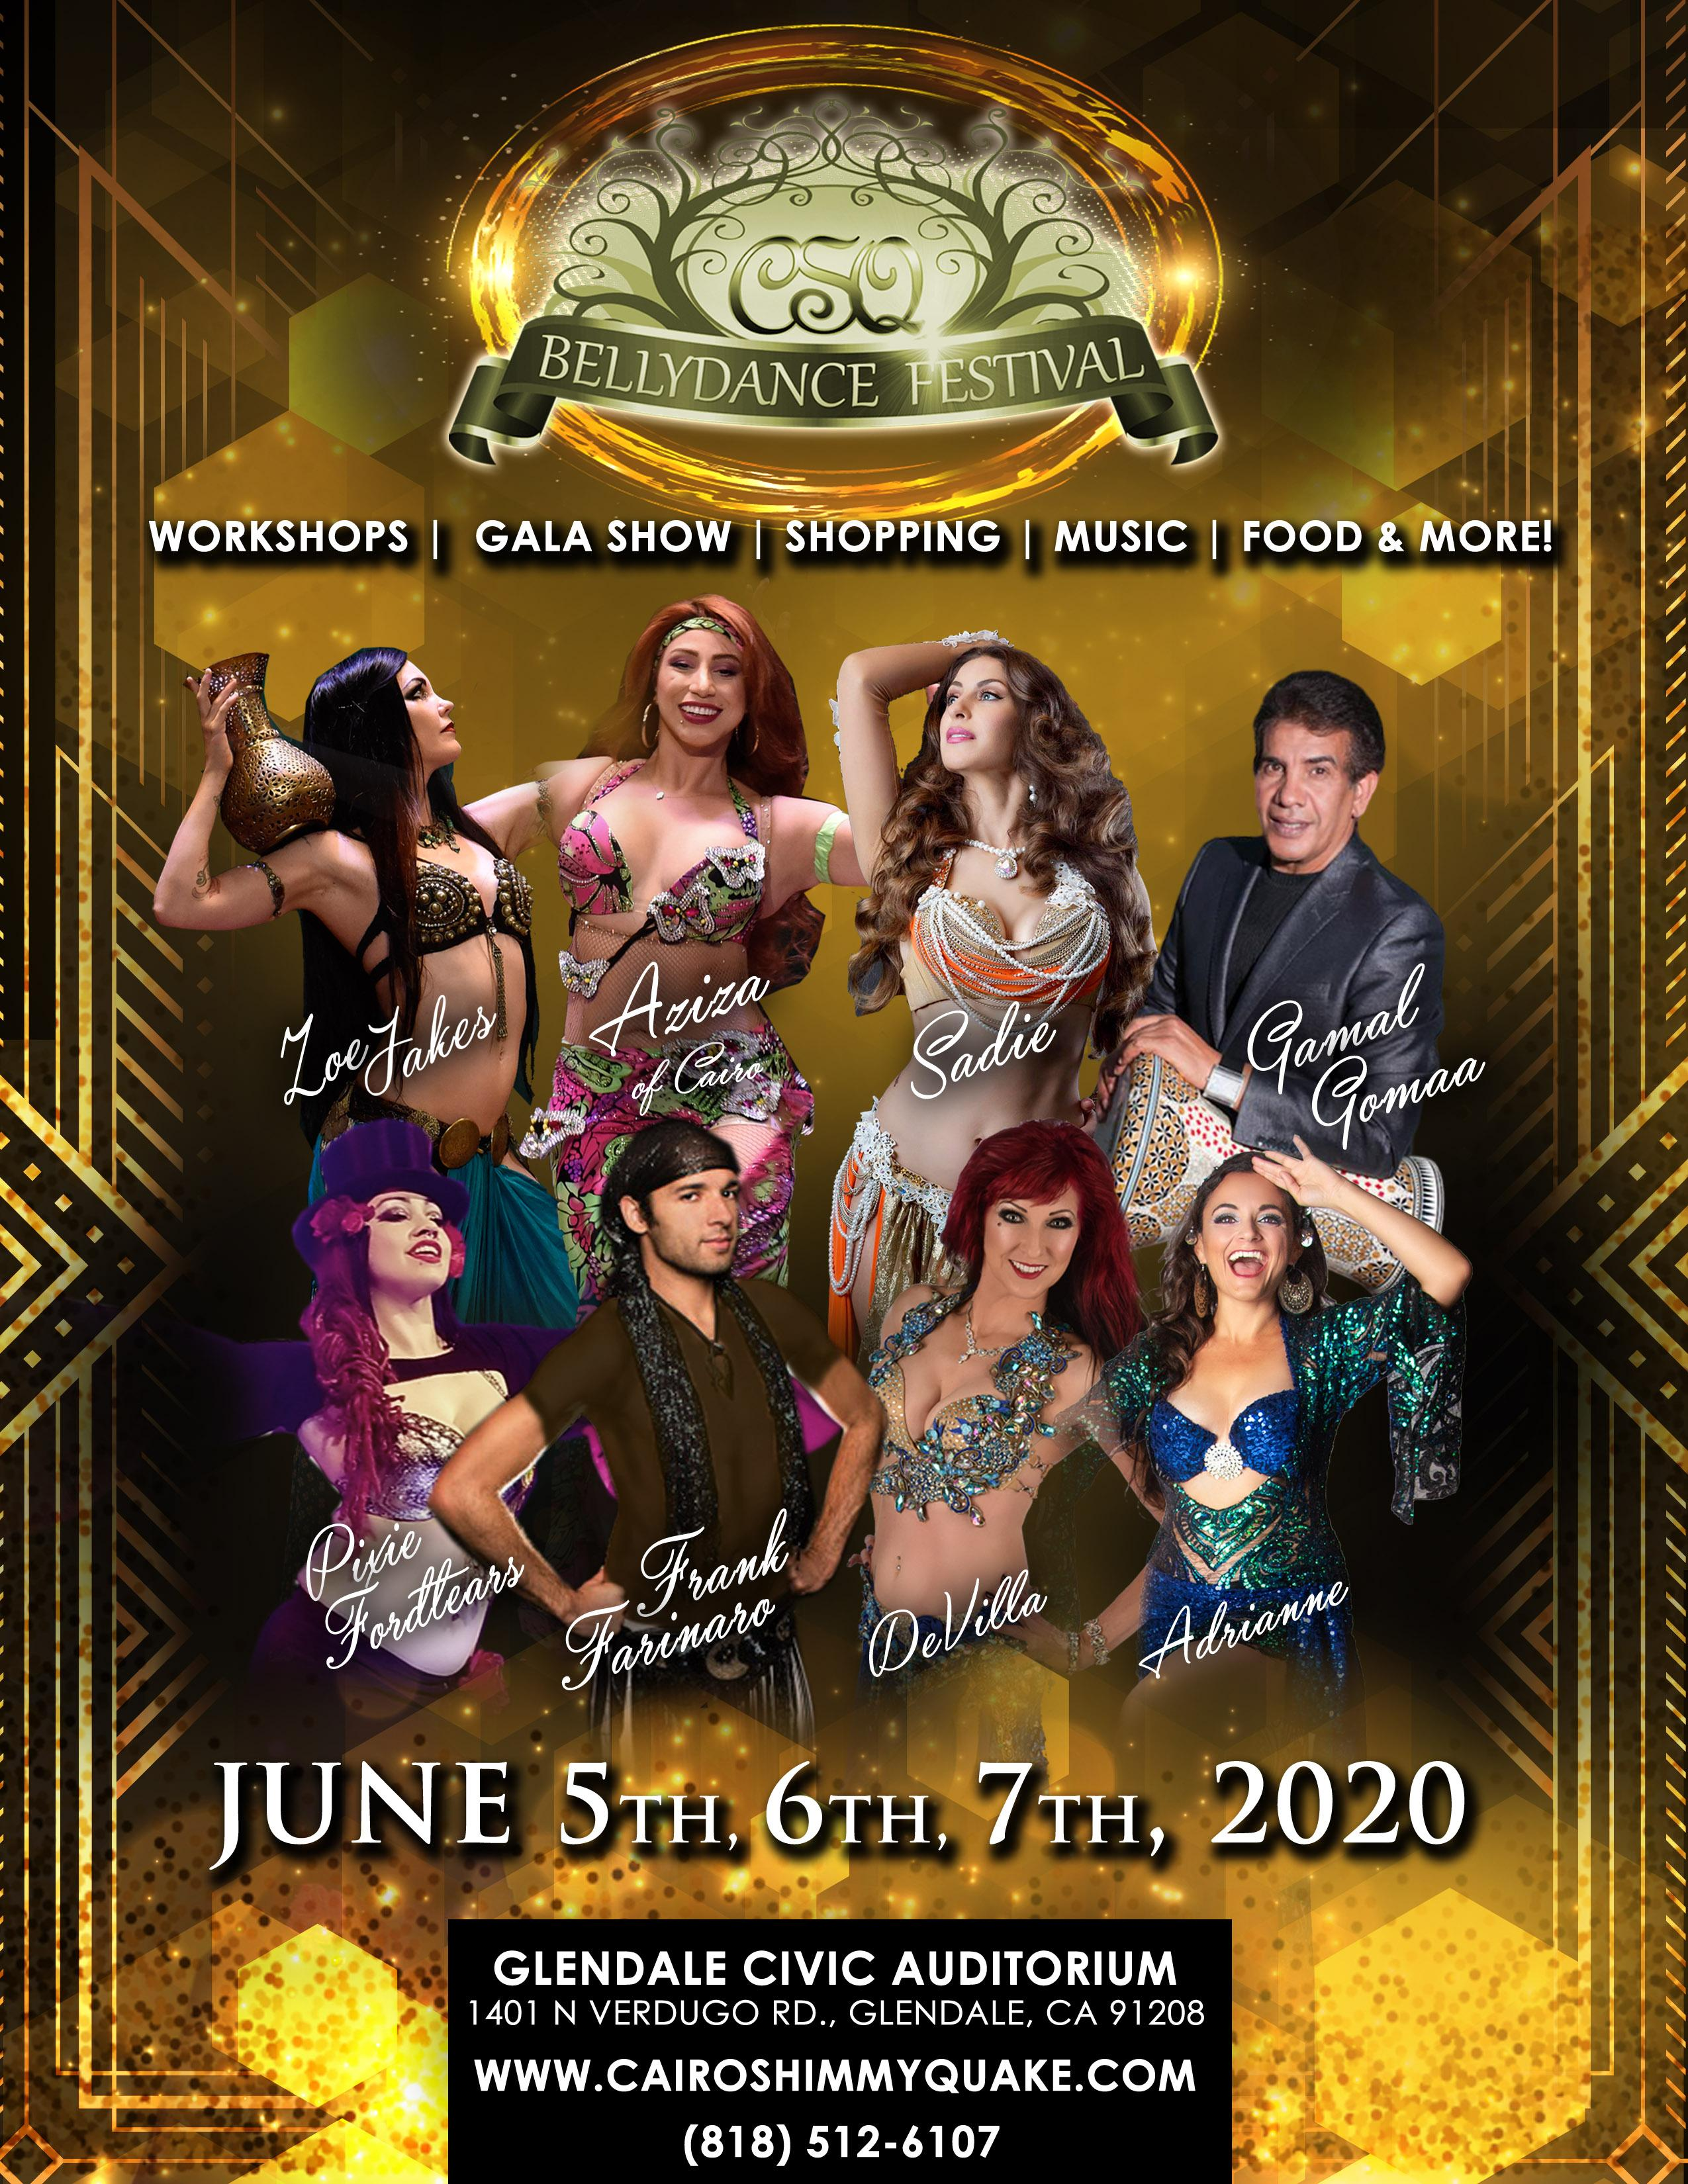 C.S.Q 2020 Belly Dance Festival!